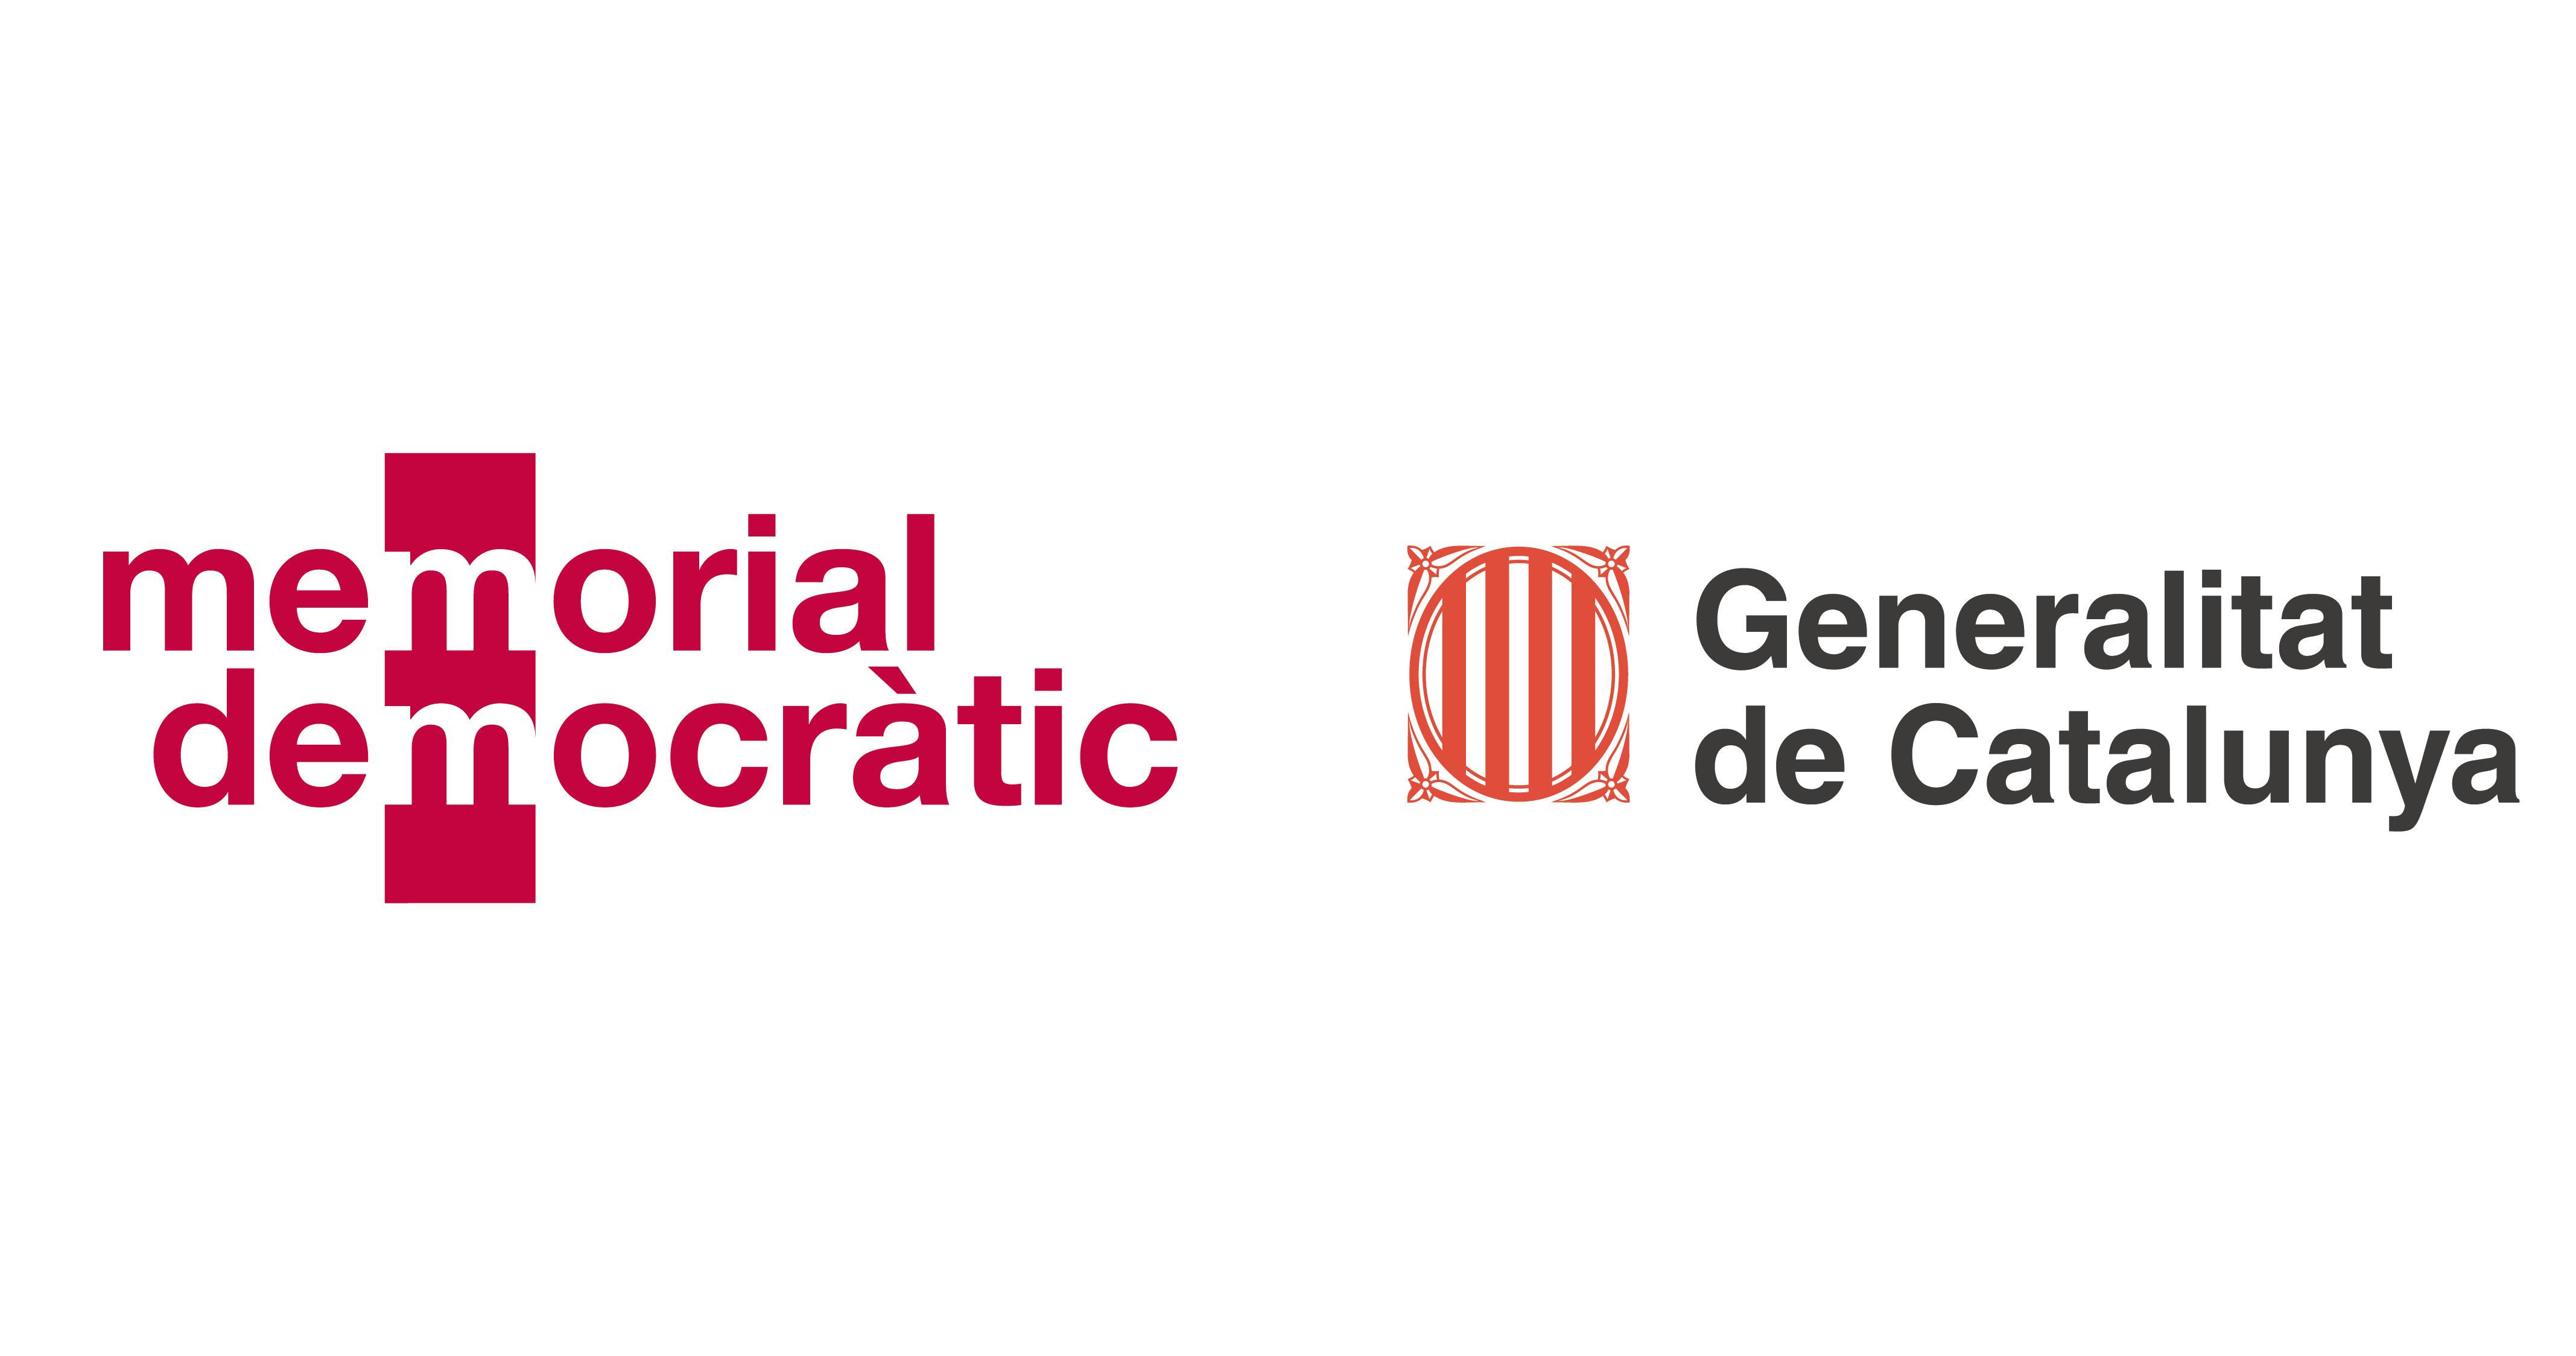 Memorial democràtic